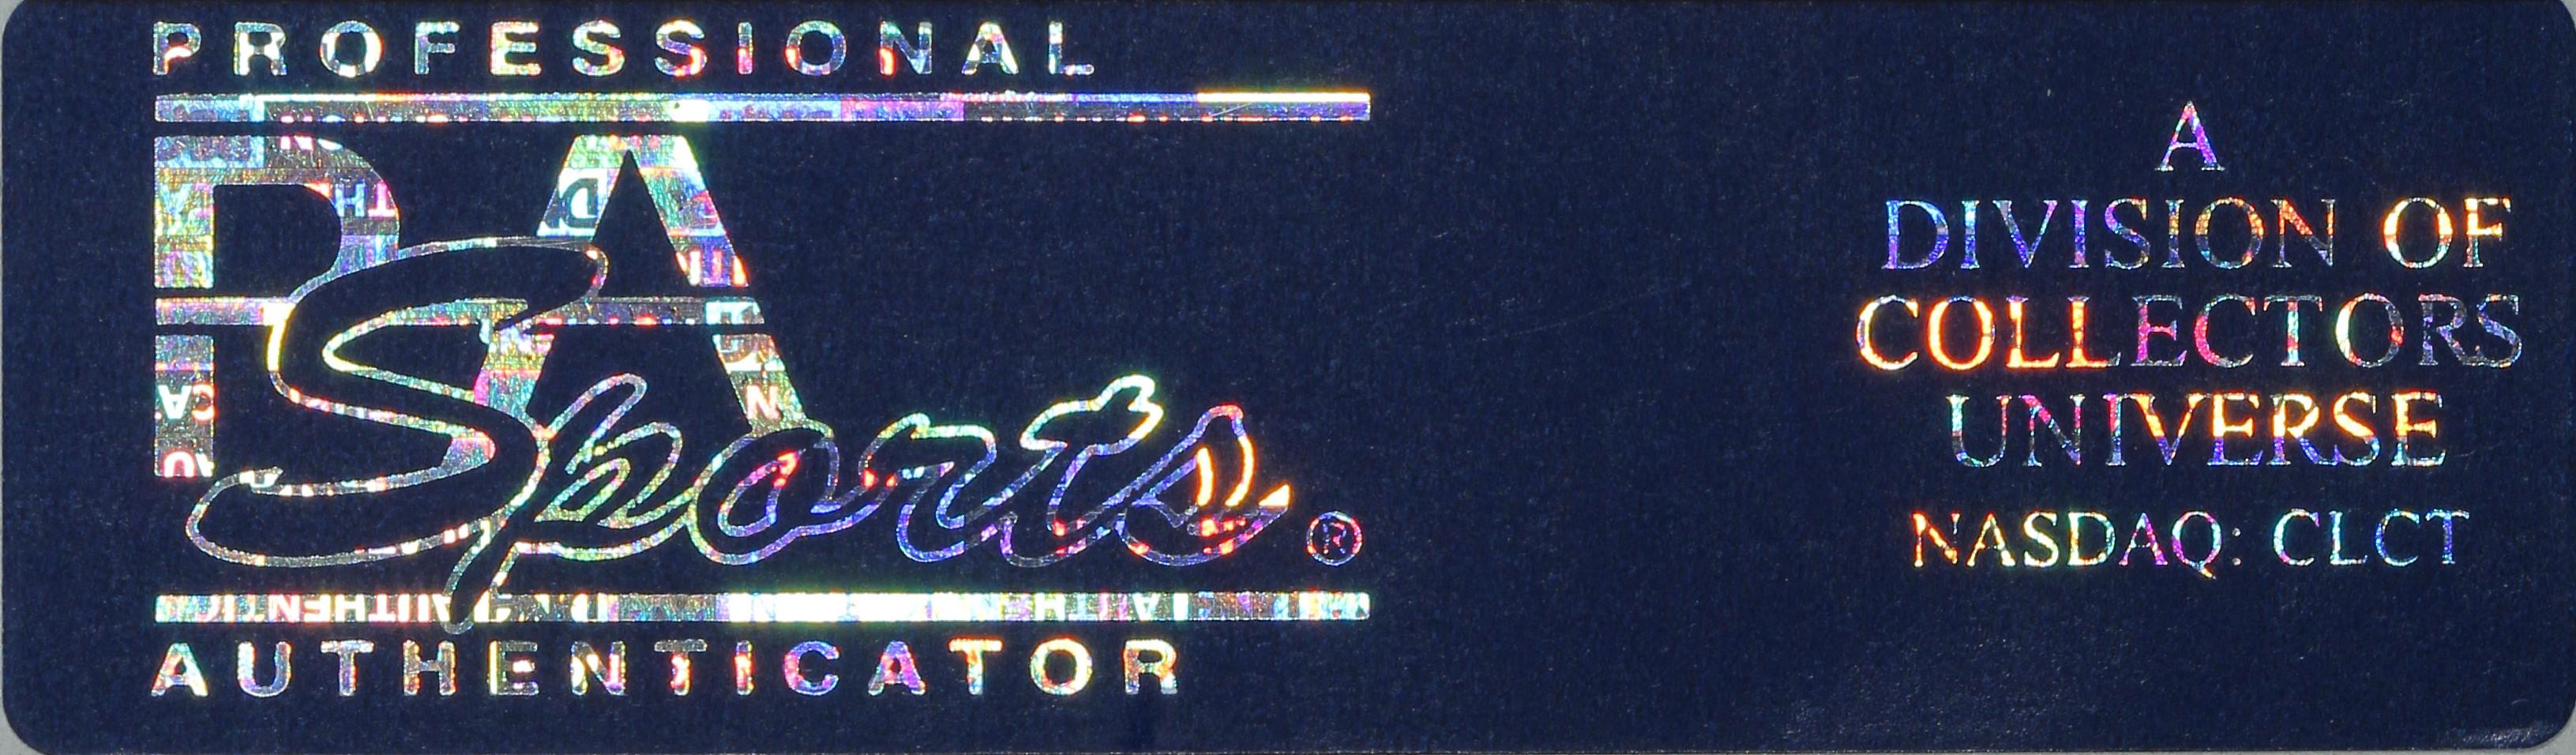 New Hologram Label